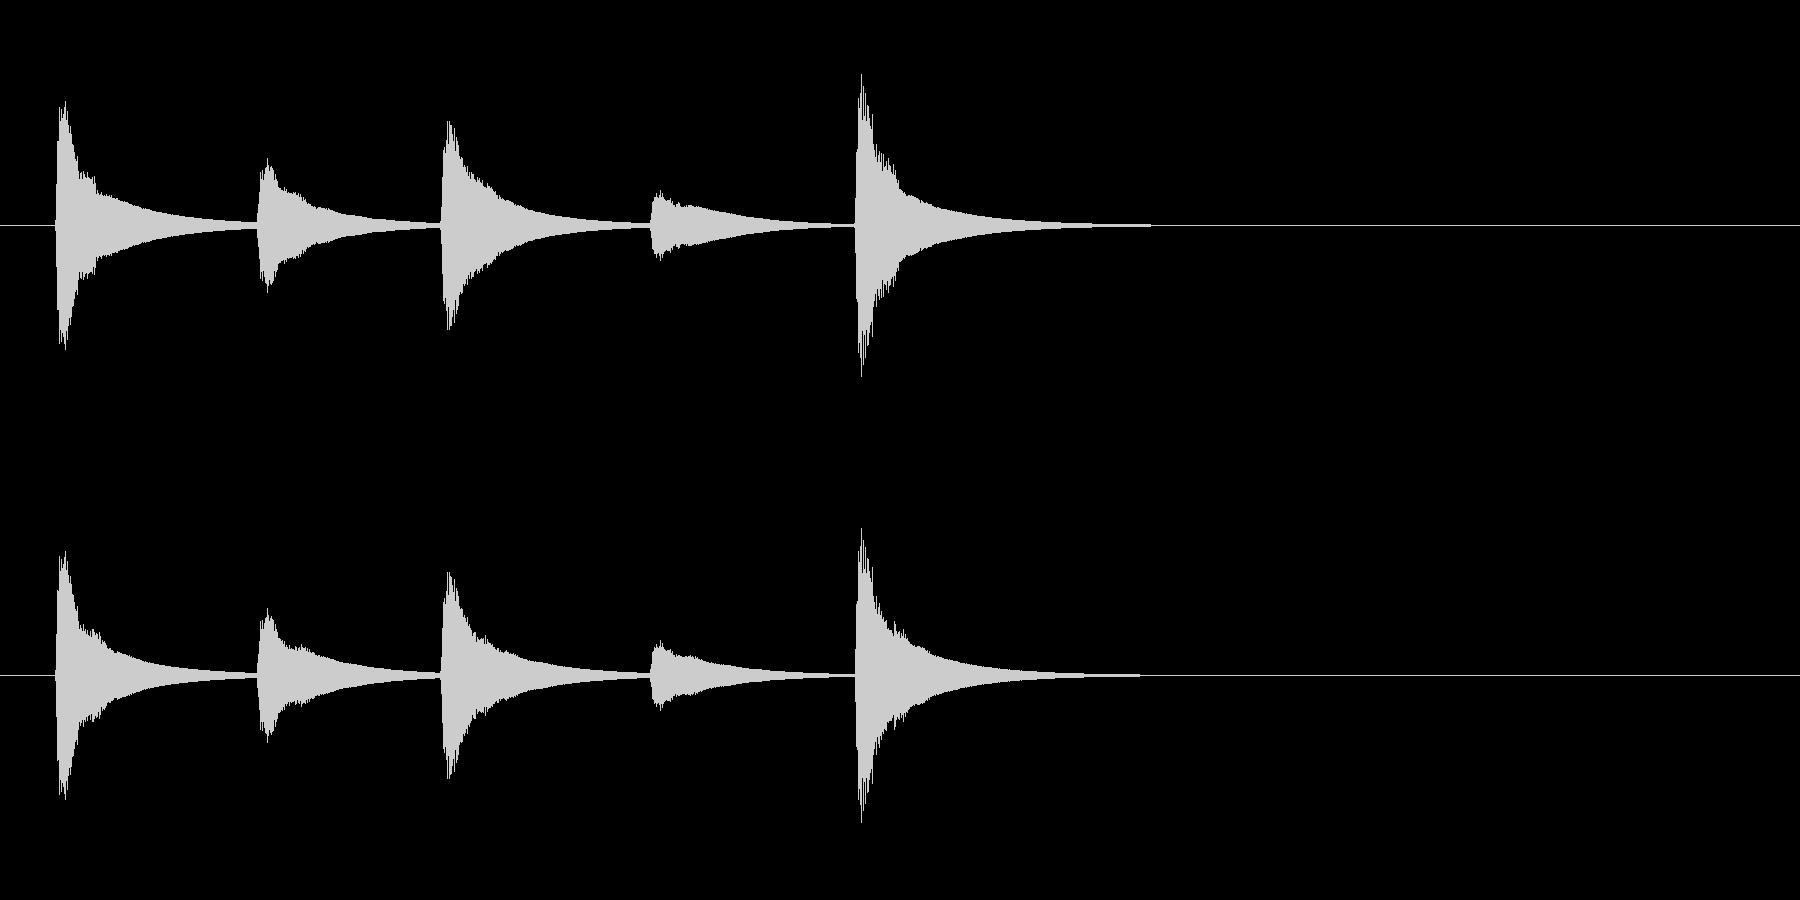 【SE 効果音】ティロティリロリン7の未再生の波形